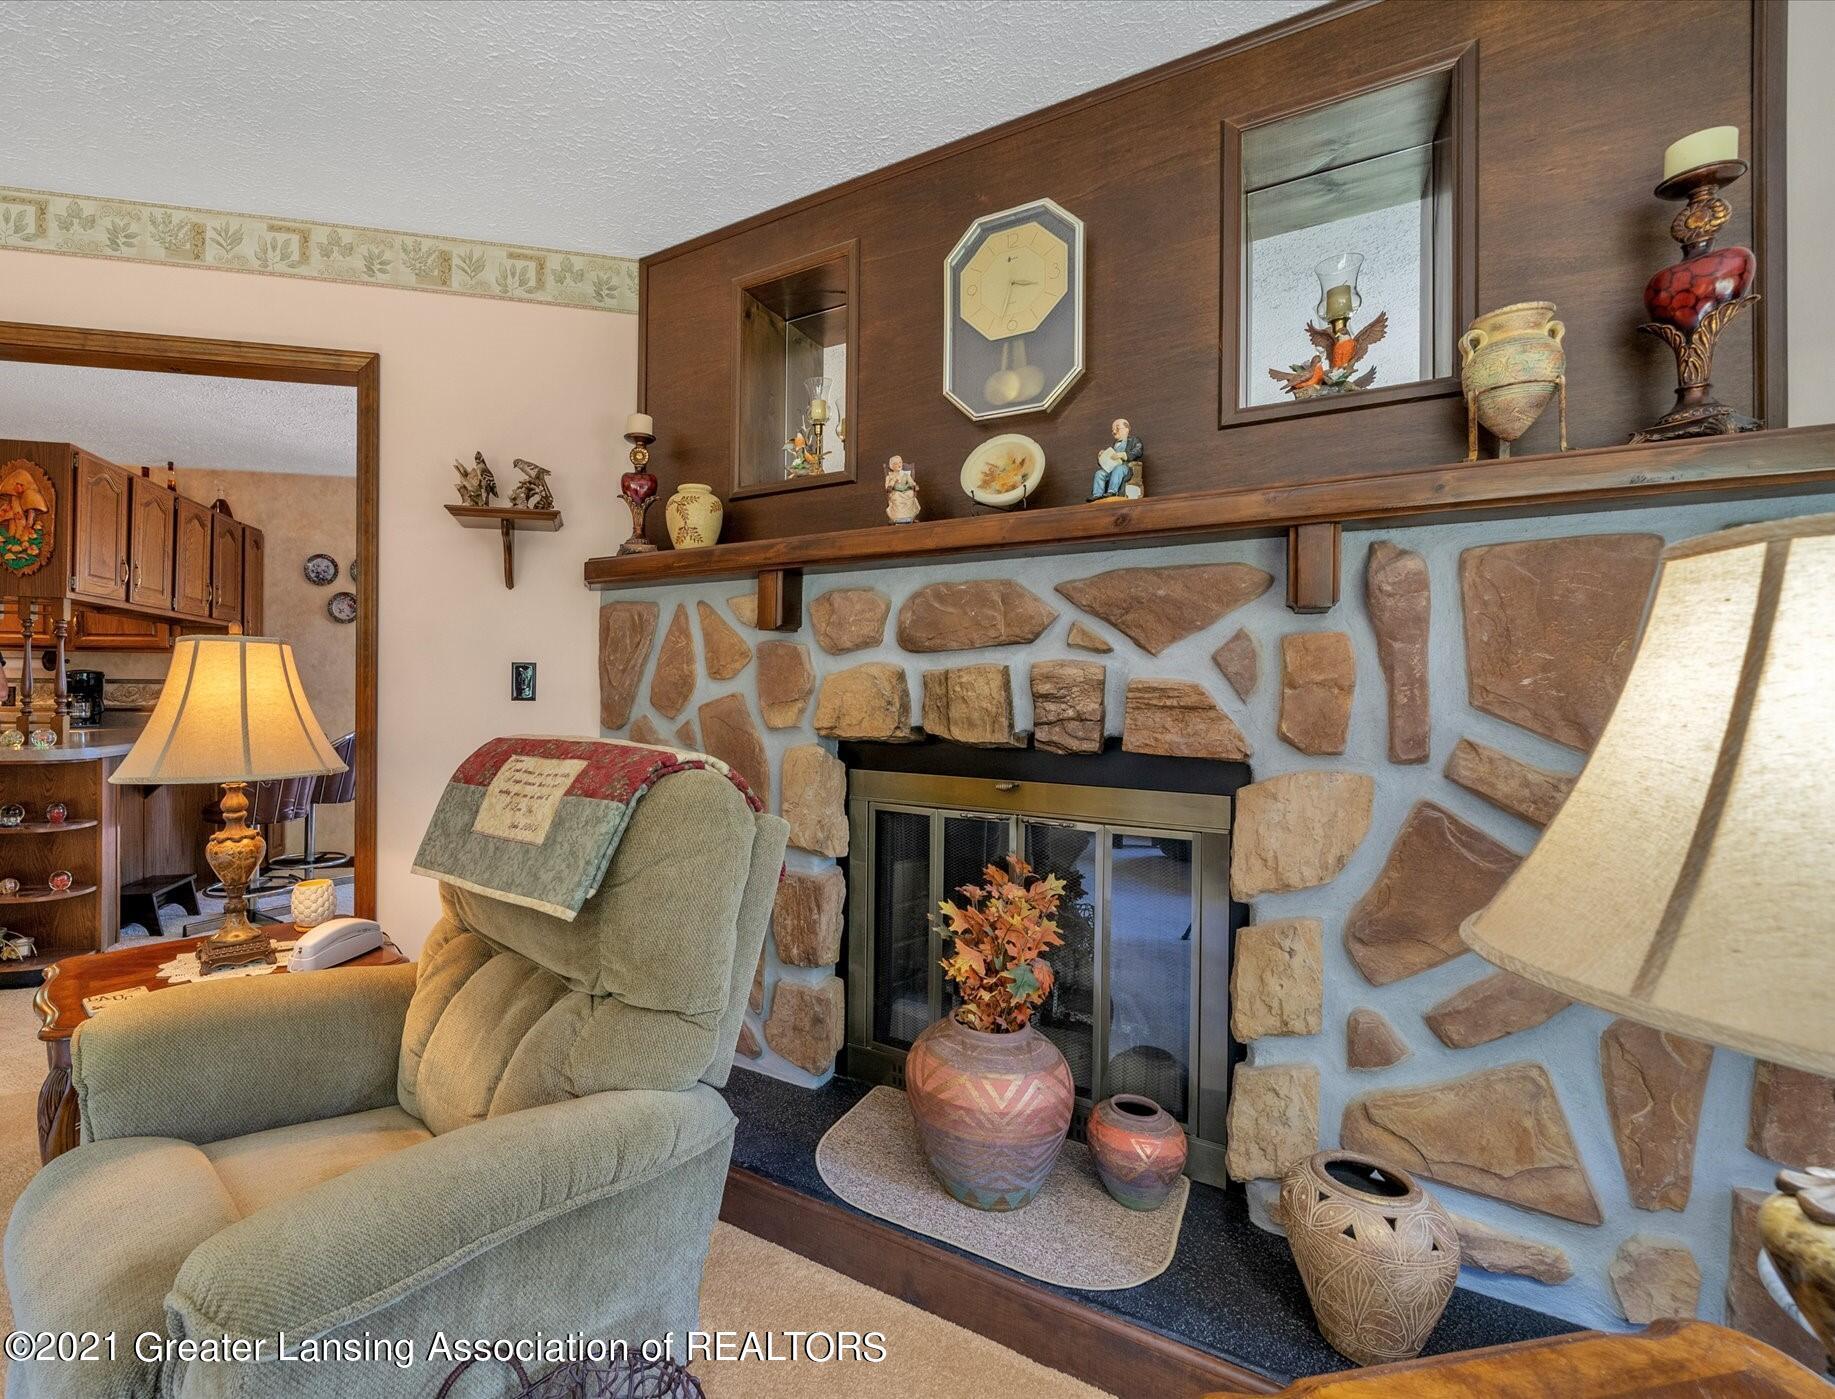 7851 S Cochran Rd - (12) MAIN FLOOR Living Room - 12